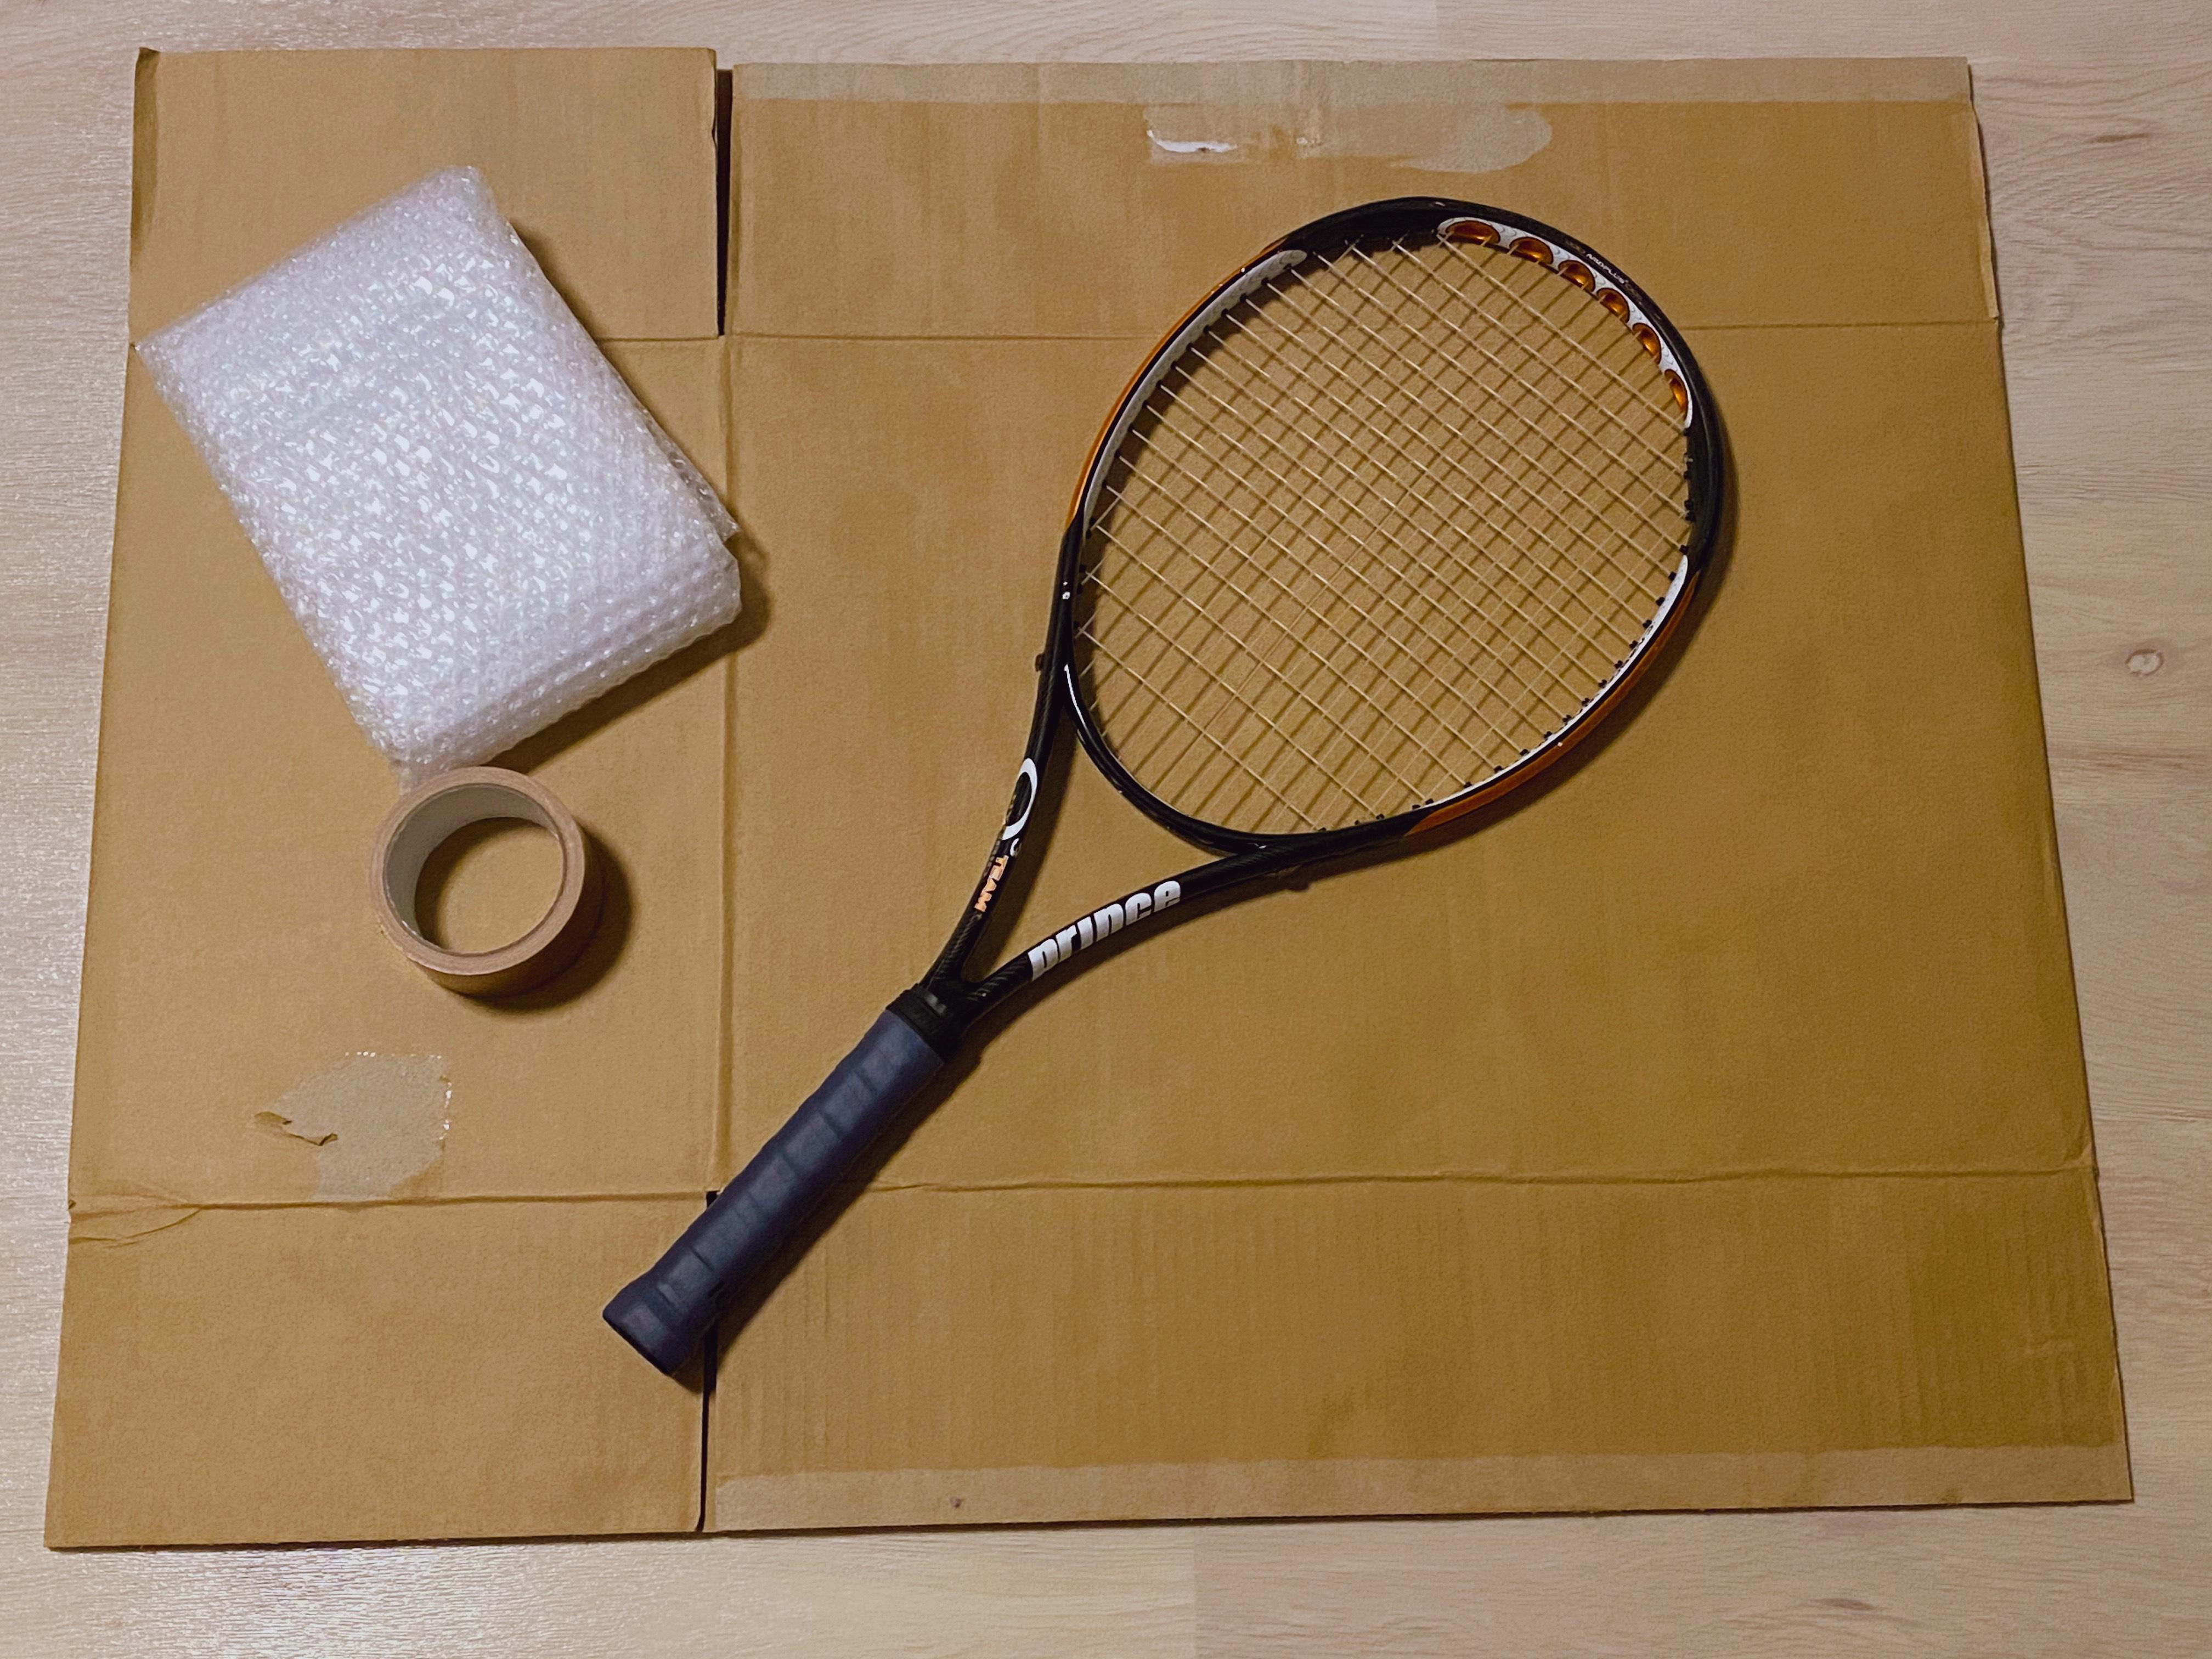 テニスラケット梱包1